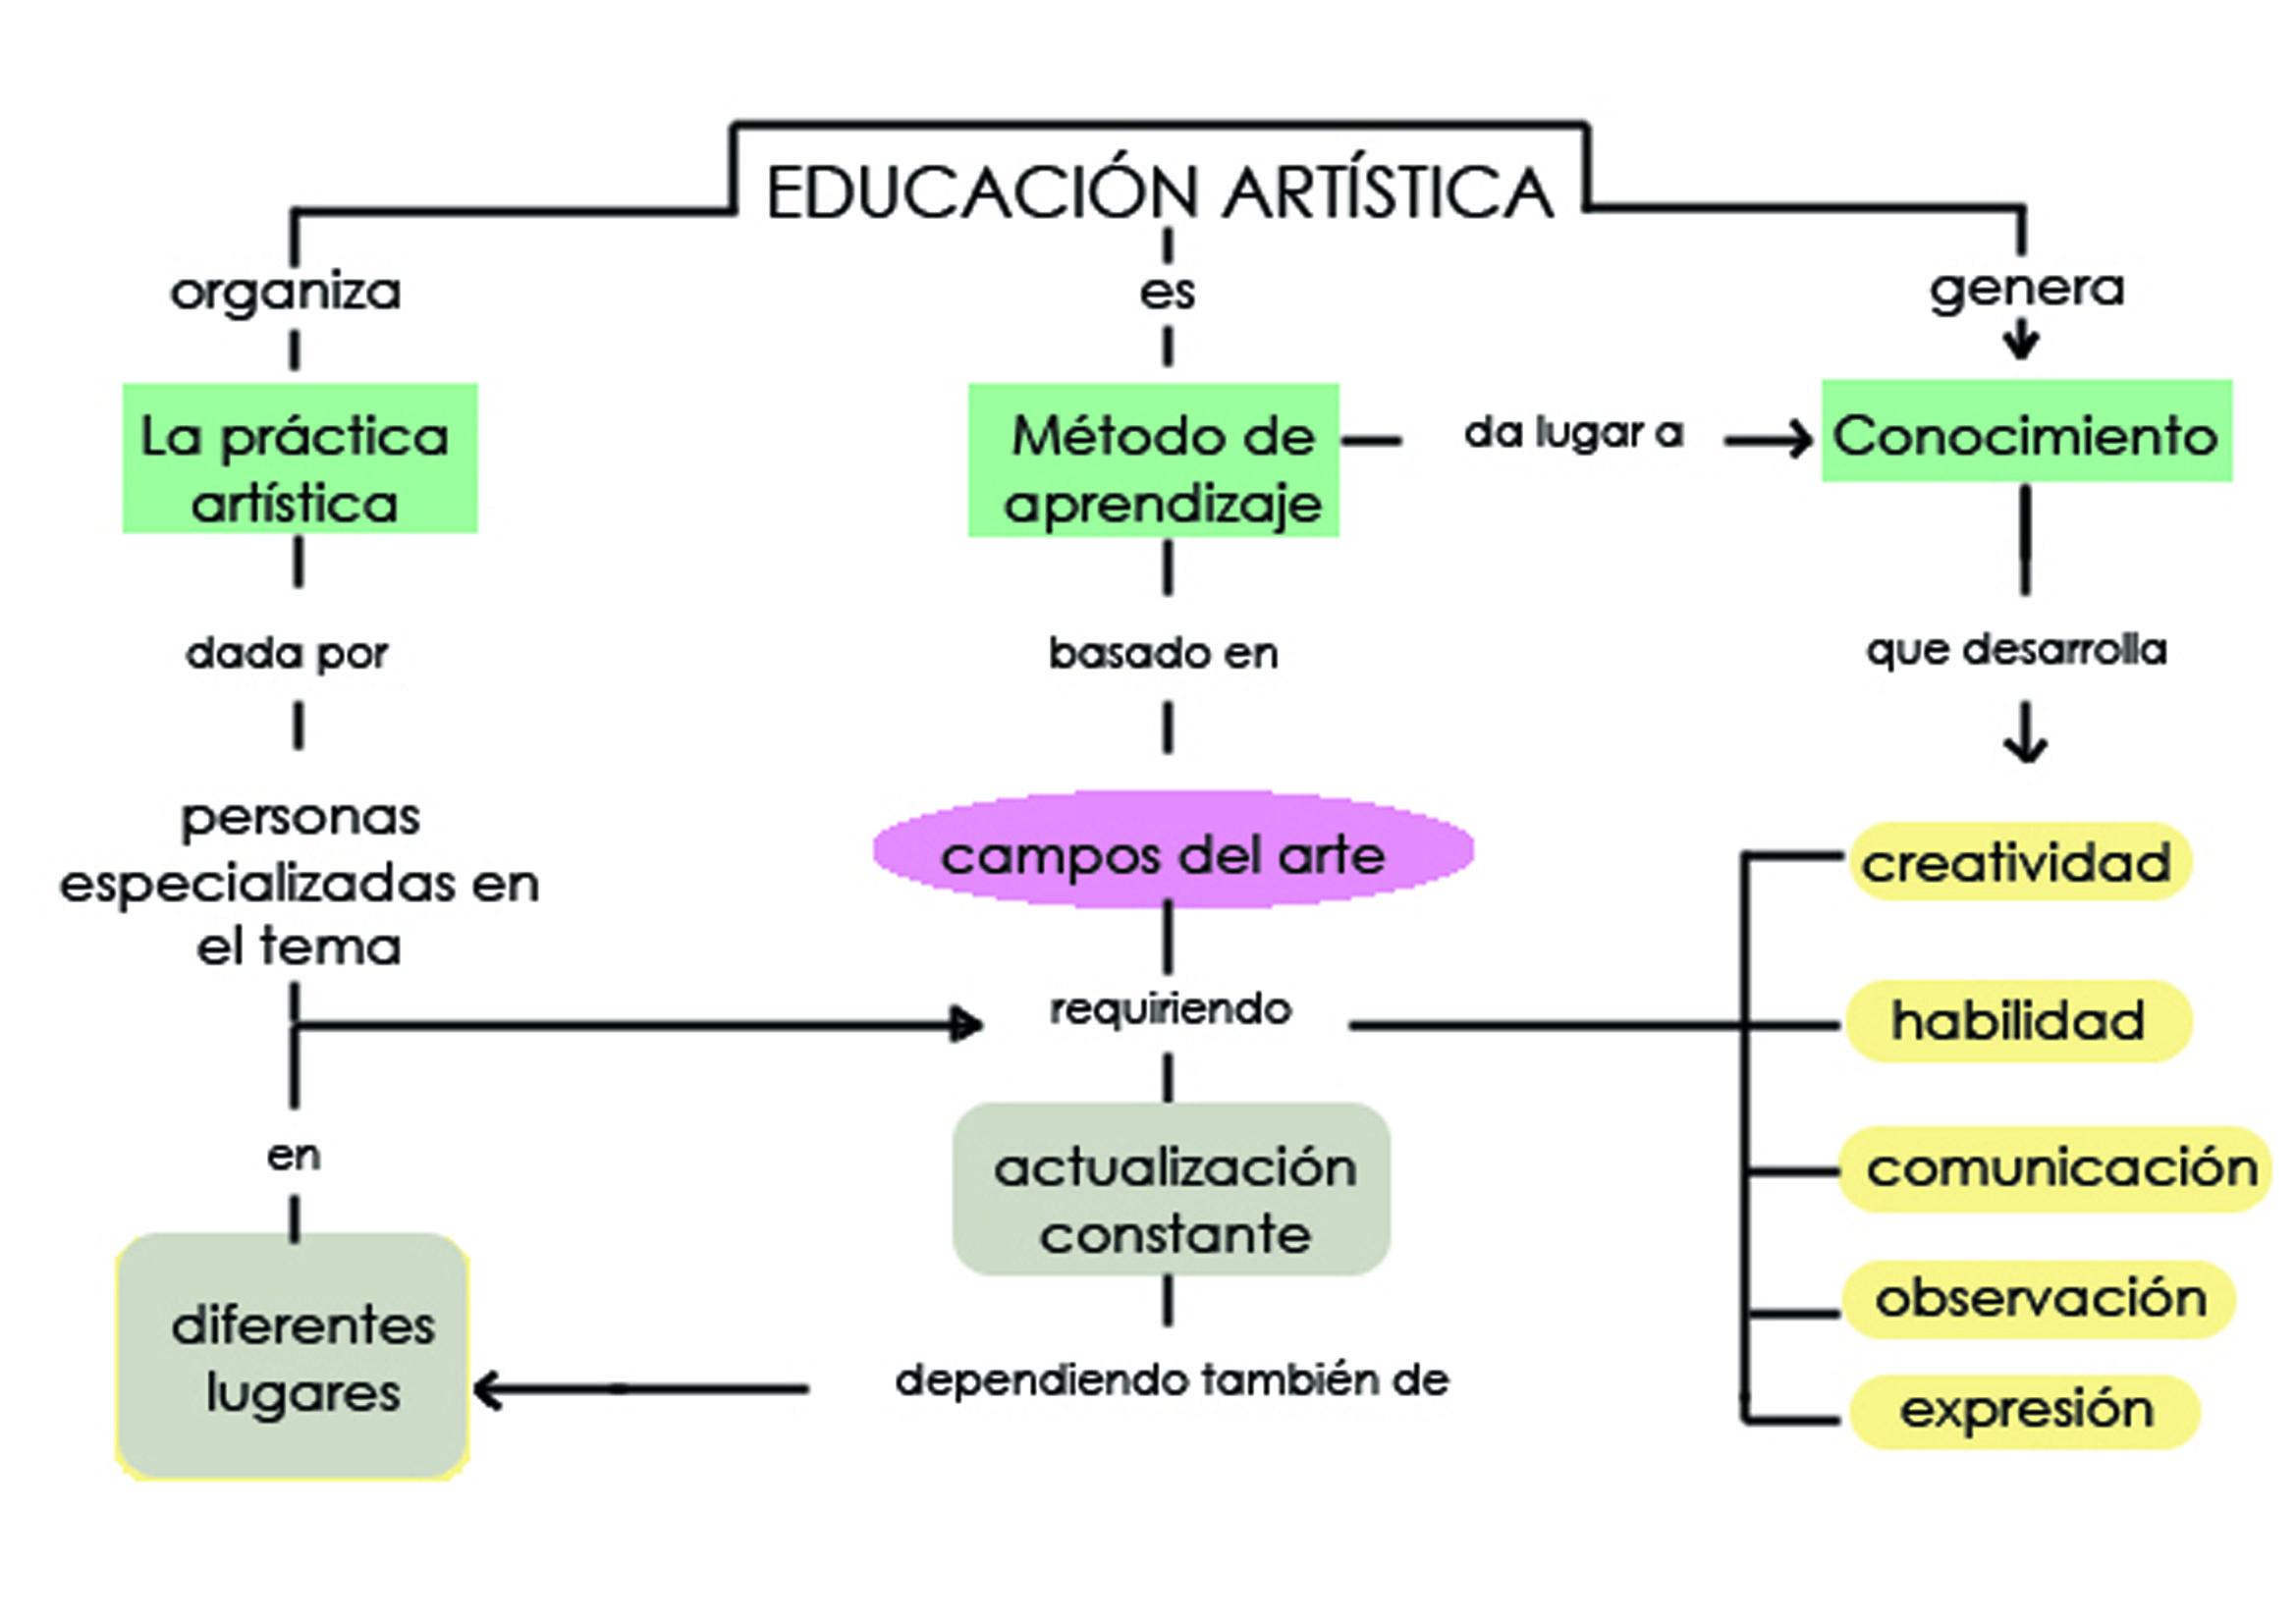 Diferencias Entre Educacion Por A Taves De Y En El Arte Postear Ideas Cortas Imagenes Y Videos Educacion Artistica Educacion Mapa Conseptual